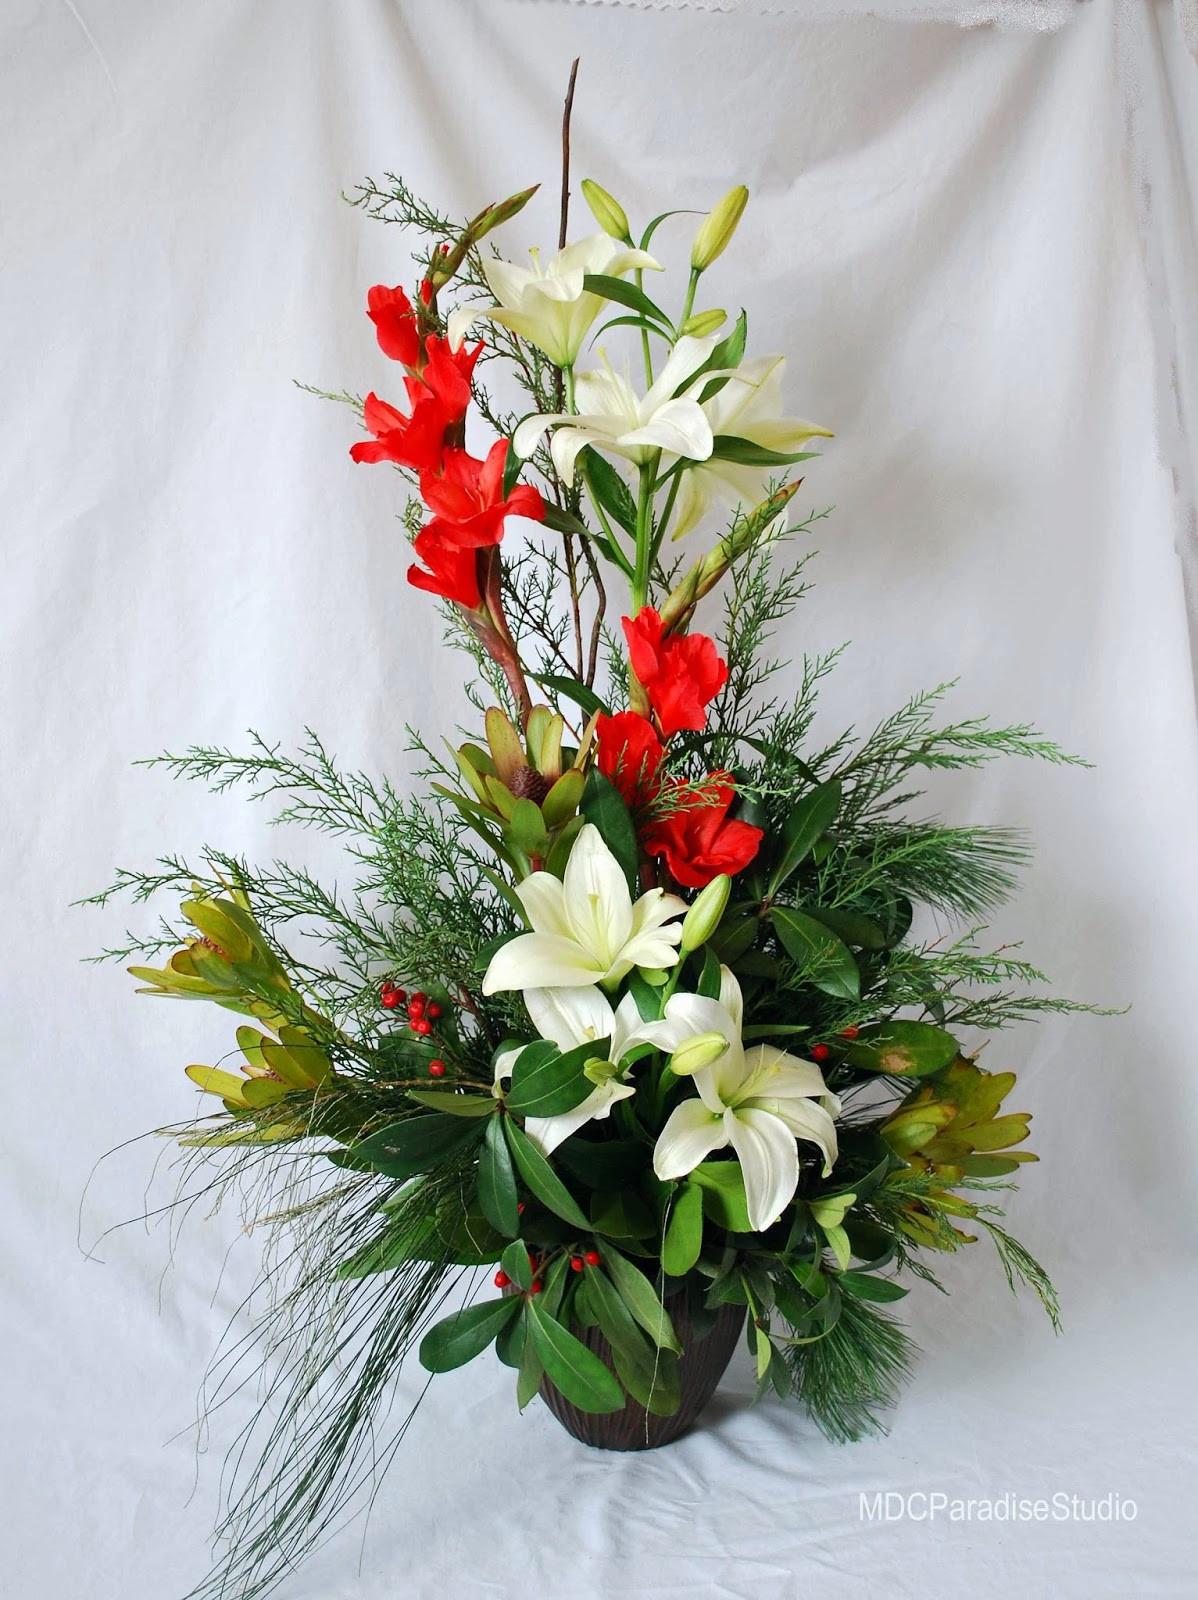 Christmas Flower Images  PARADISE FLORAL STUDIO Christmas Flower Arrangements